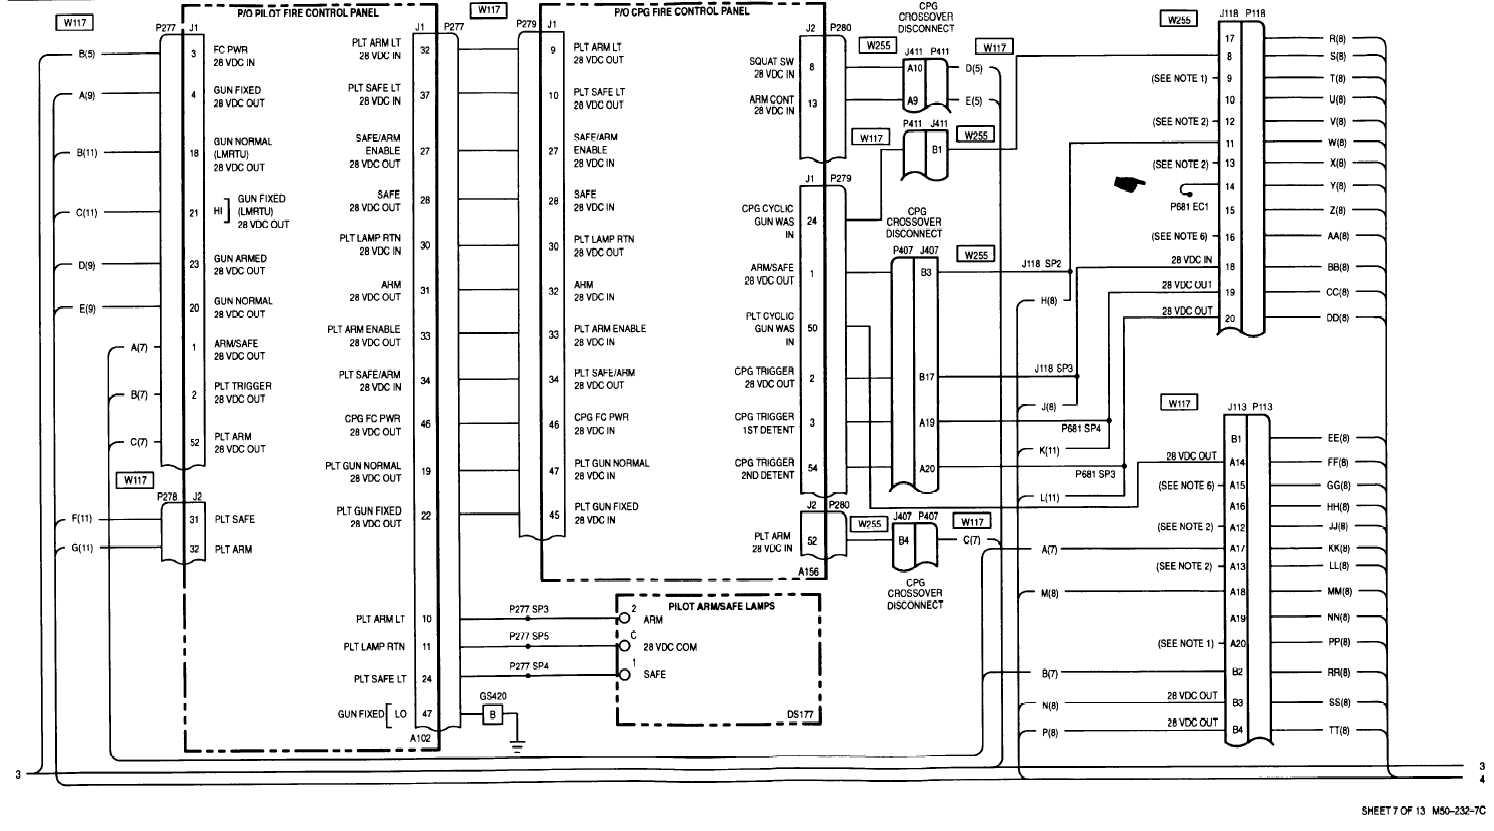 sheet 7 of 13 m50